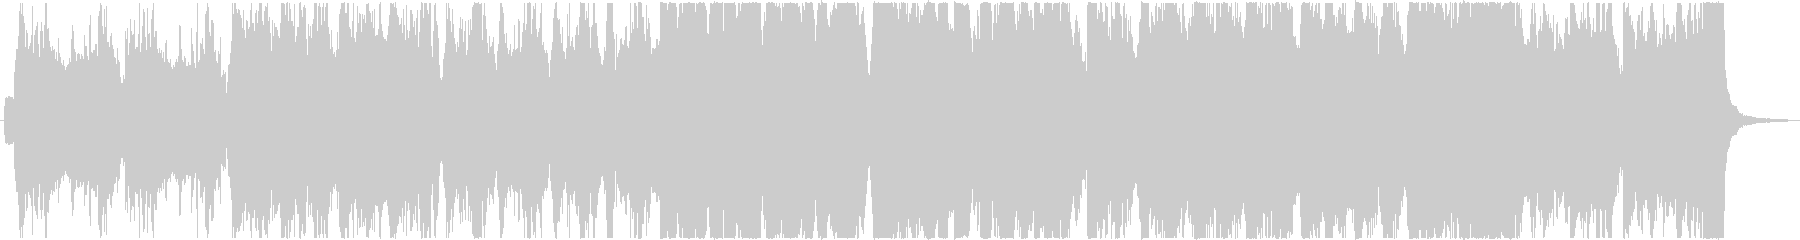 陽気なケルト風/フィドルとバグパイプの未再生の波形